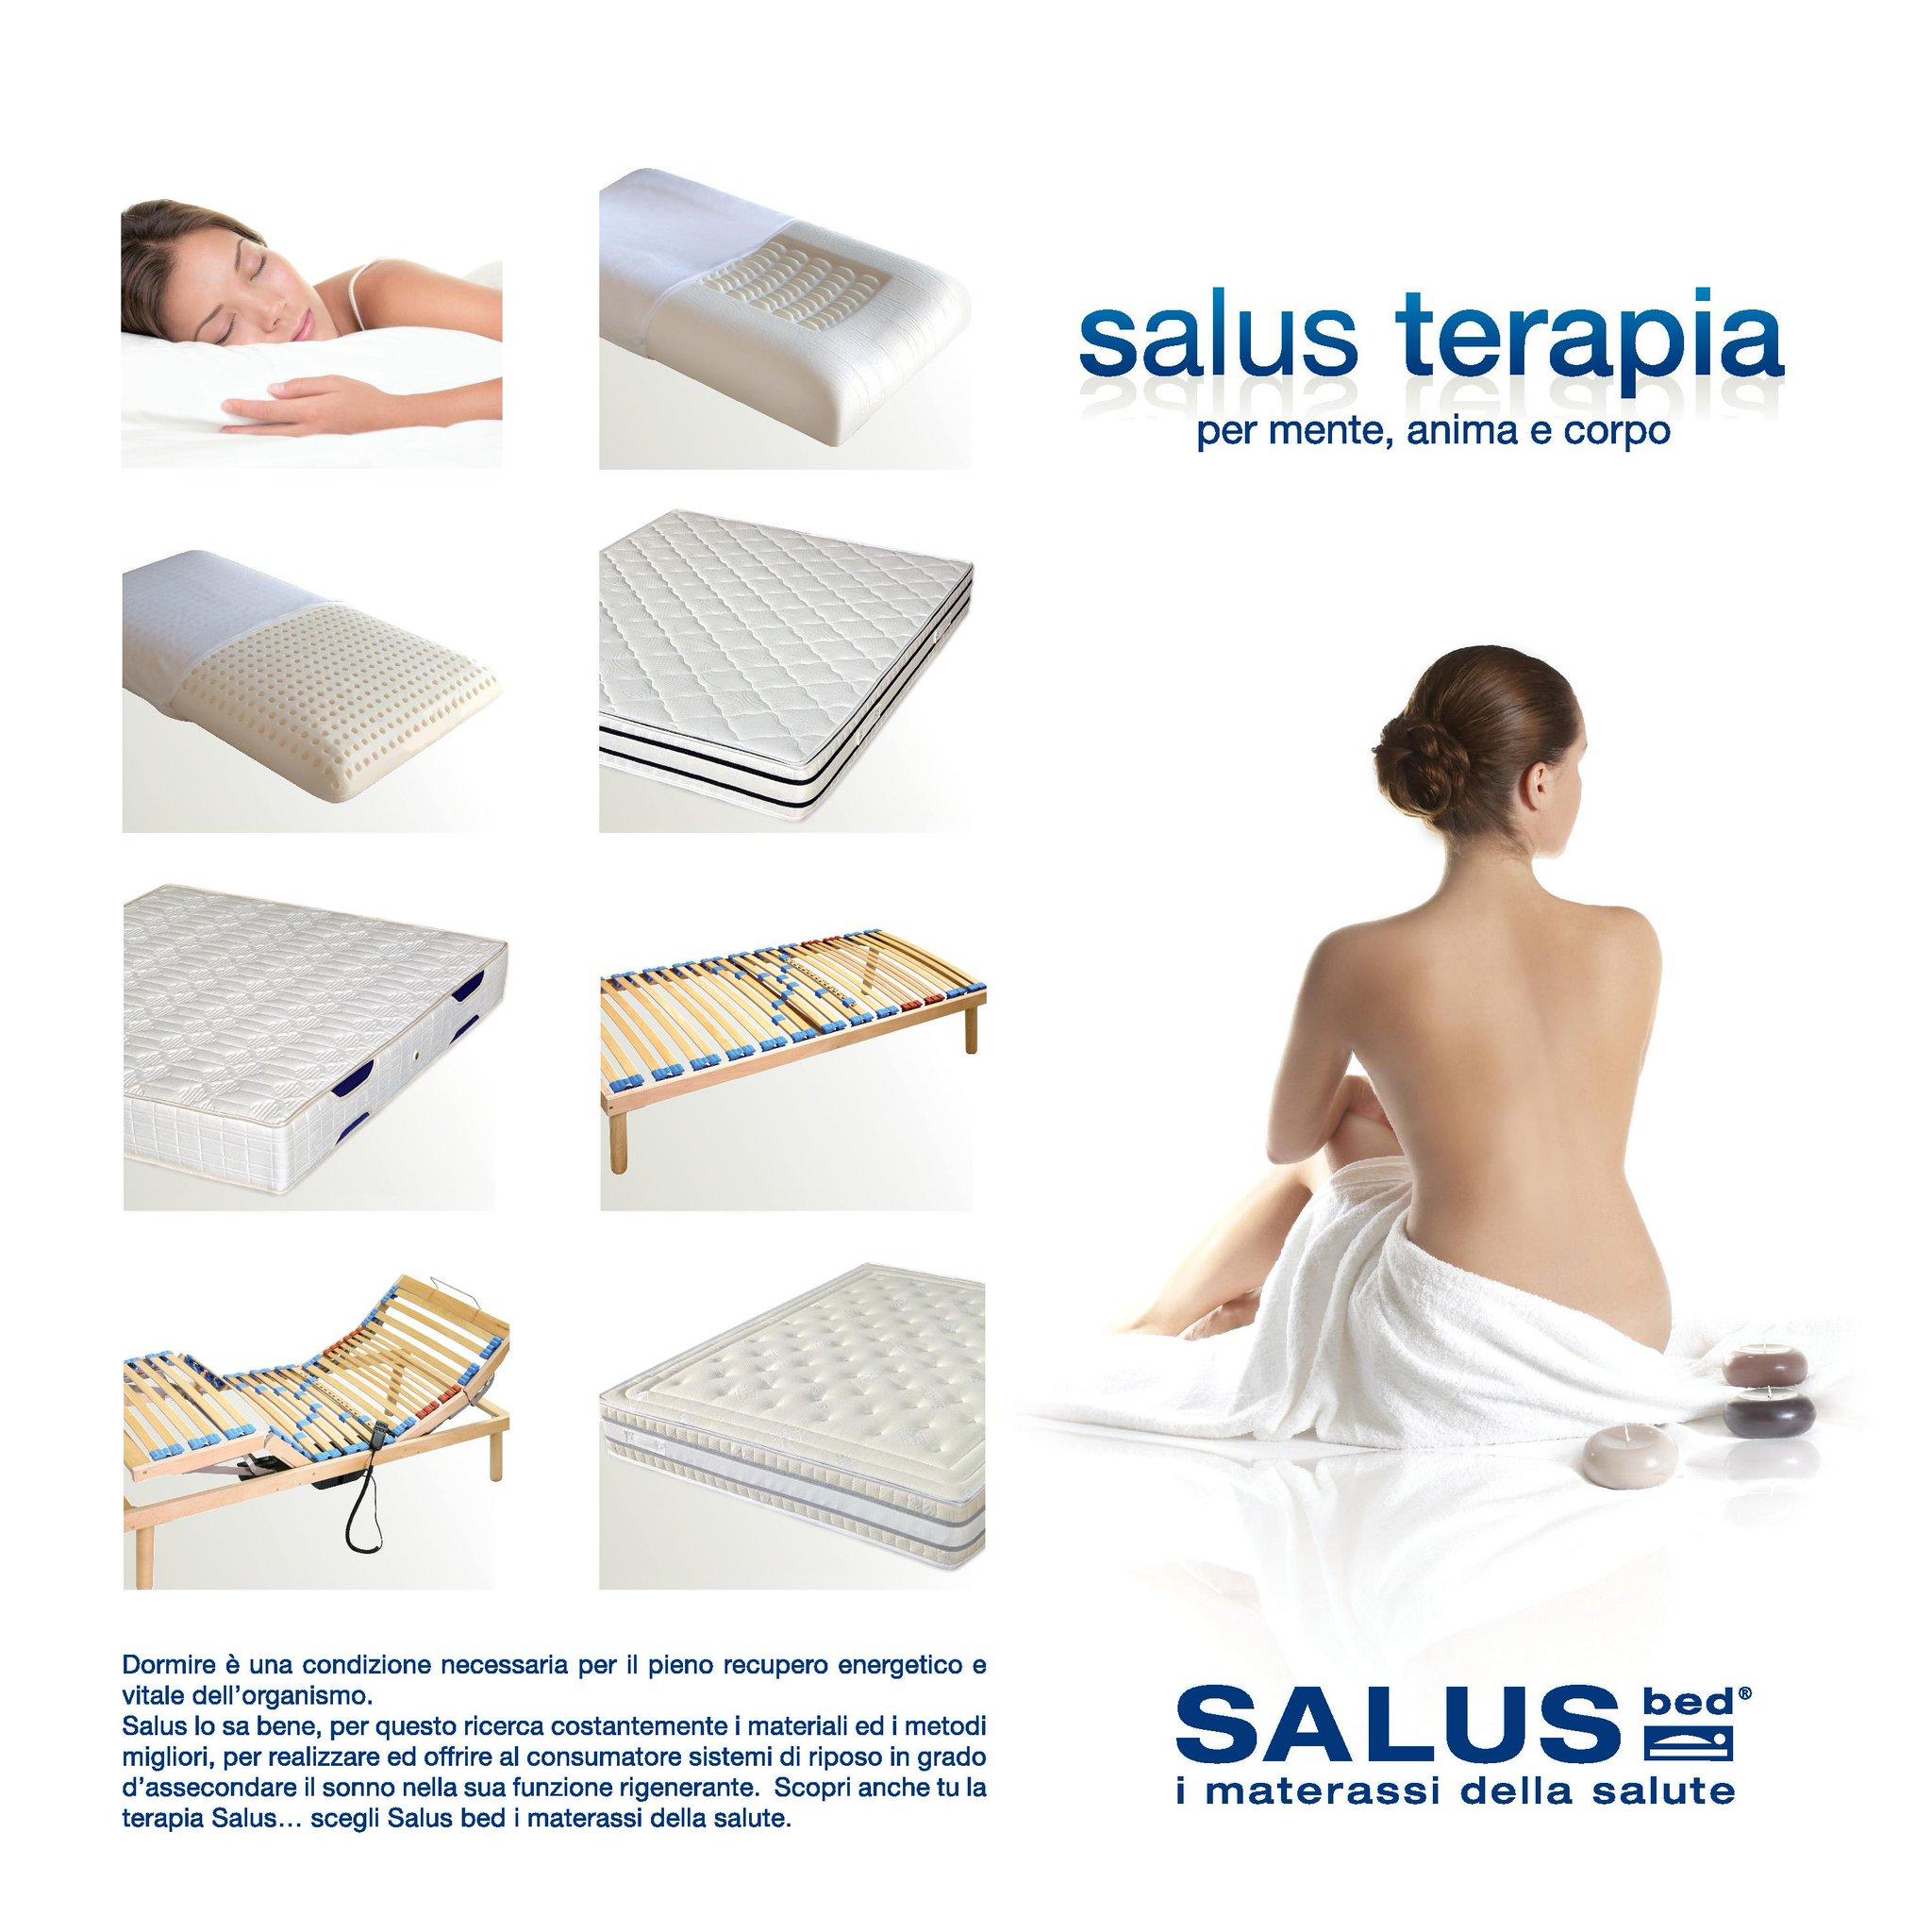 Materassi Salus.Salus Bed On Twitter Salus Terapia Per Mente Anima E Corpo